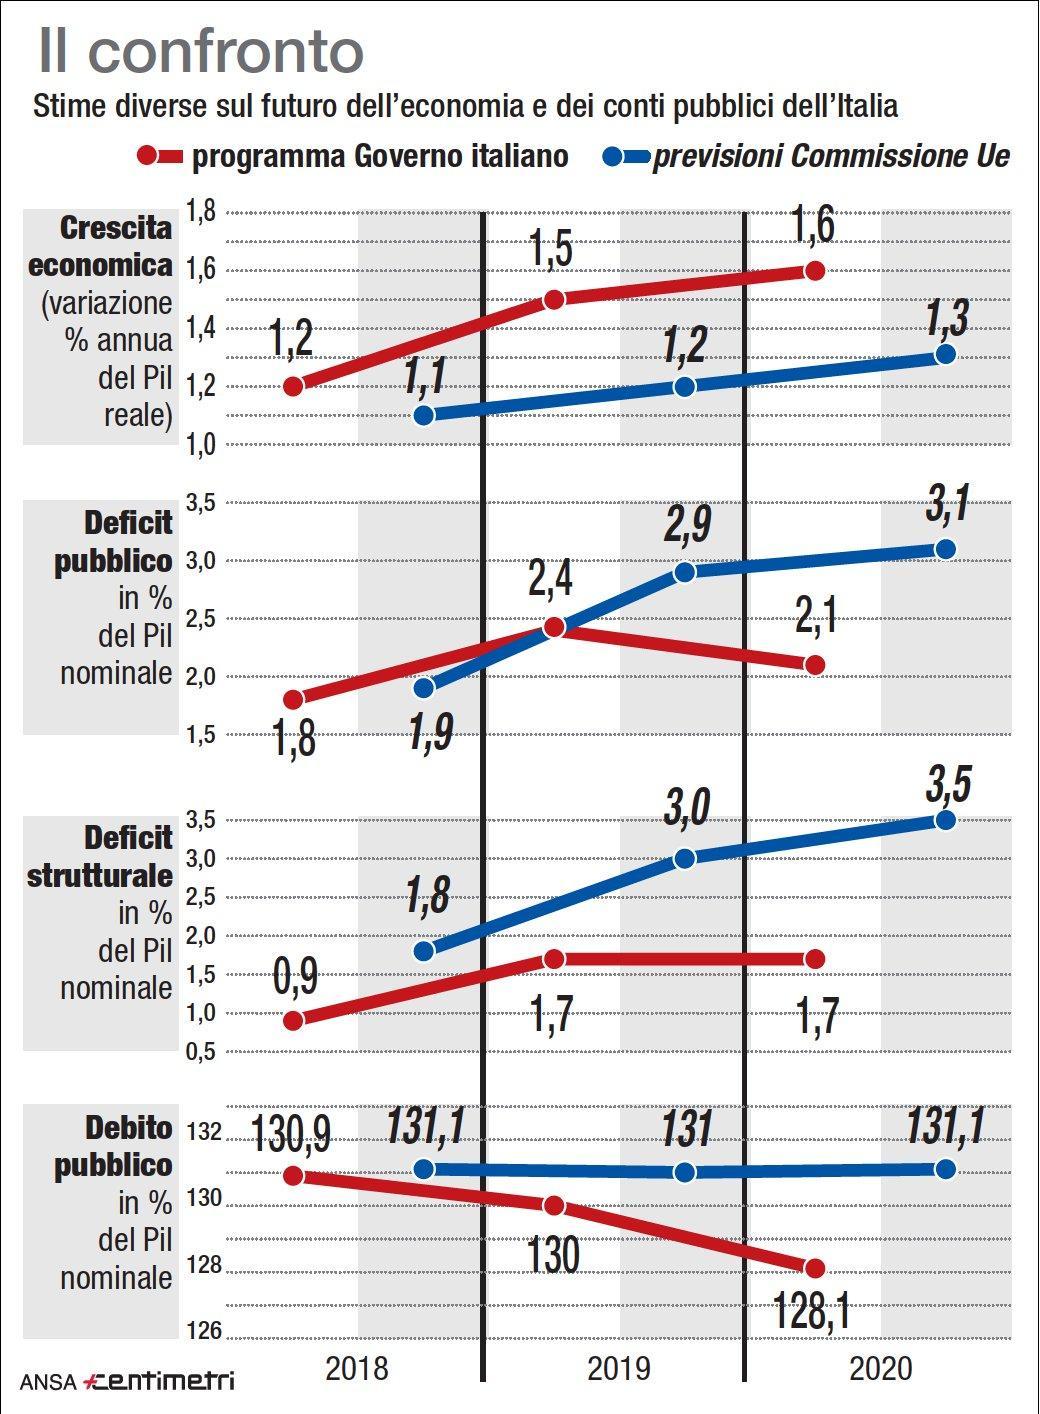 Stime economiche, le differenze tra Italia e Ue